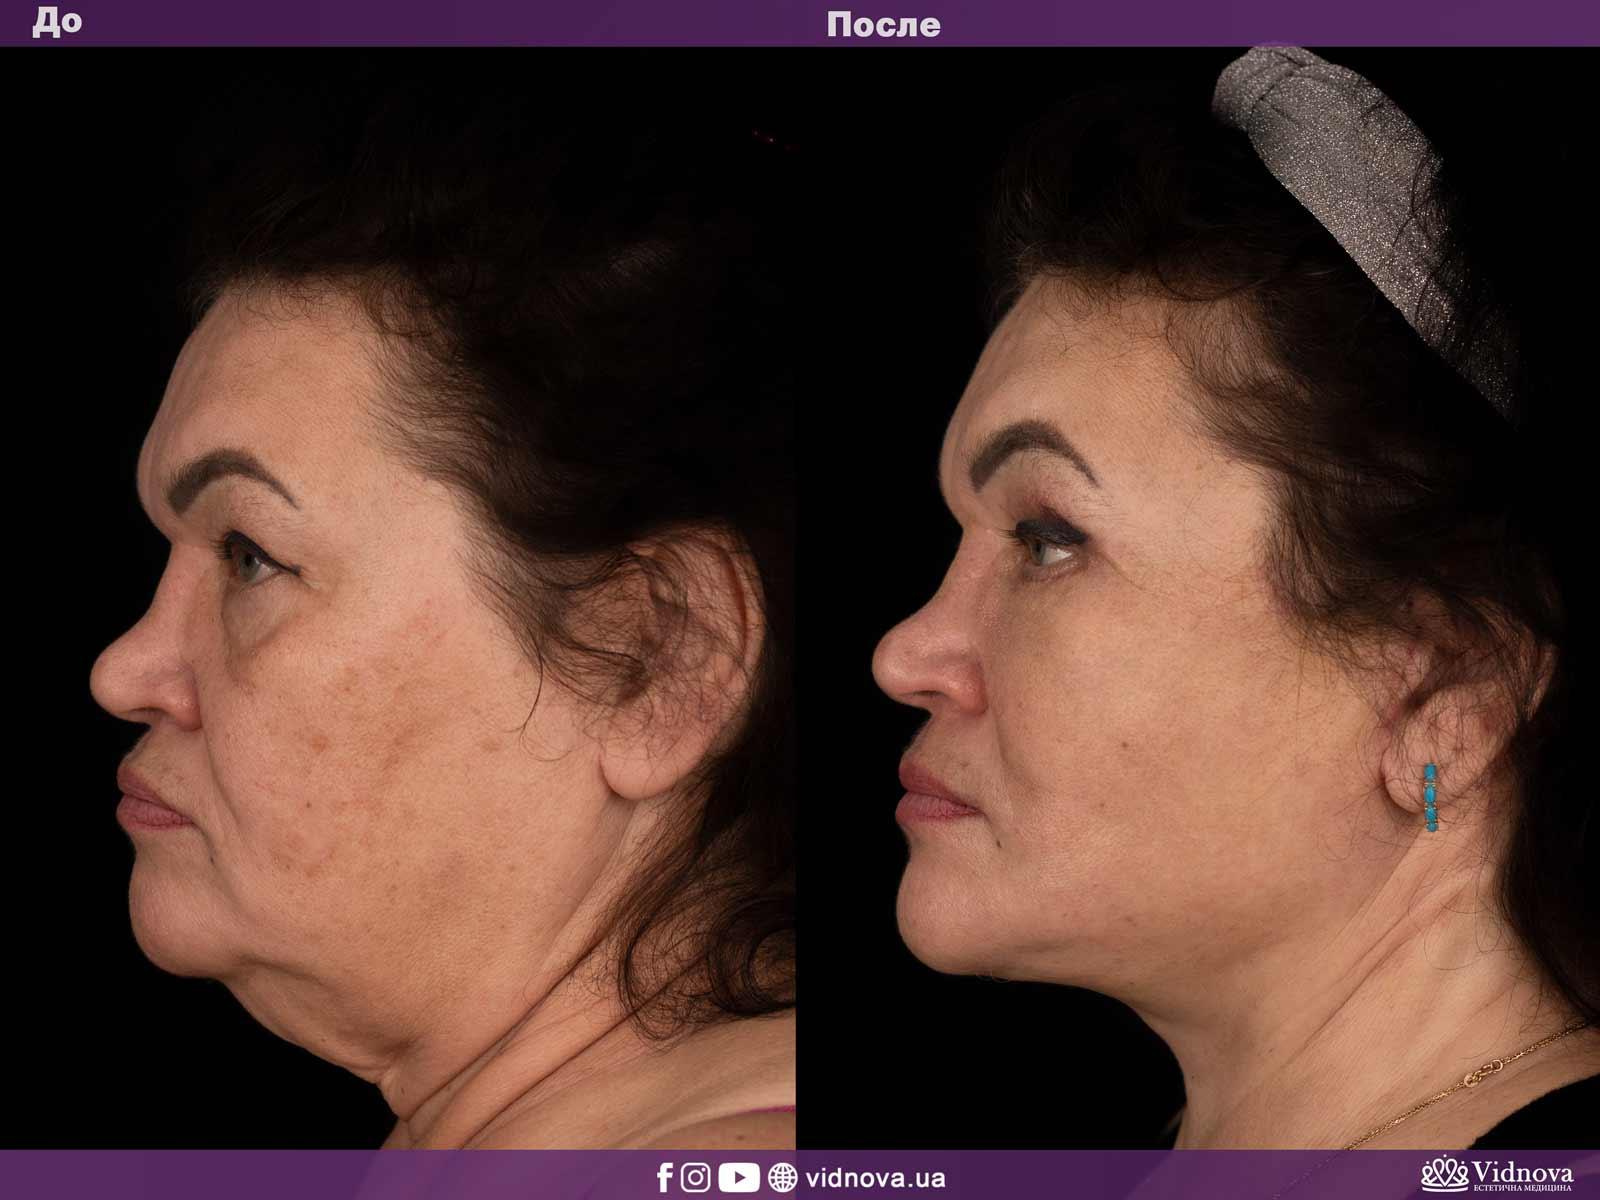 Подтяжка лица и шеи: Фото ДО и ПОСЛЕ - Пример №1-3 - Клиника Vidnova